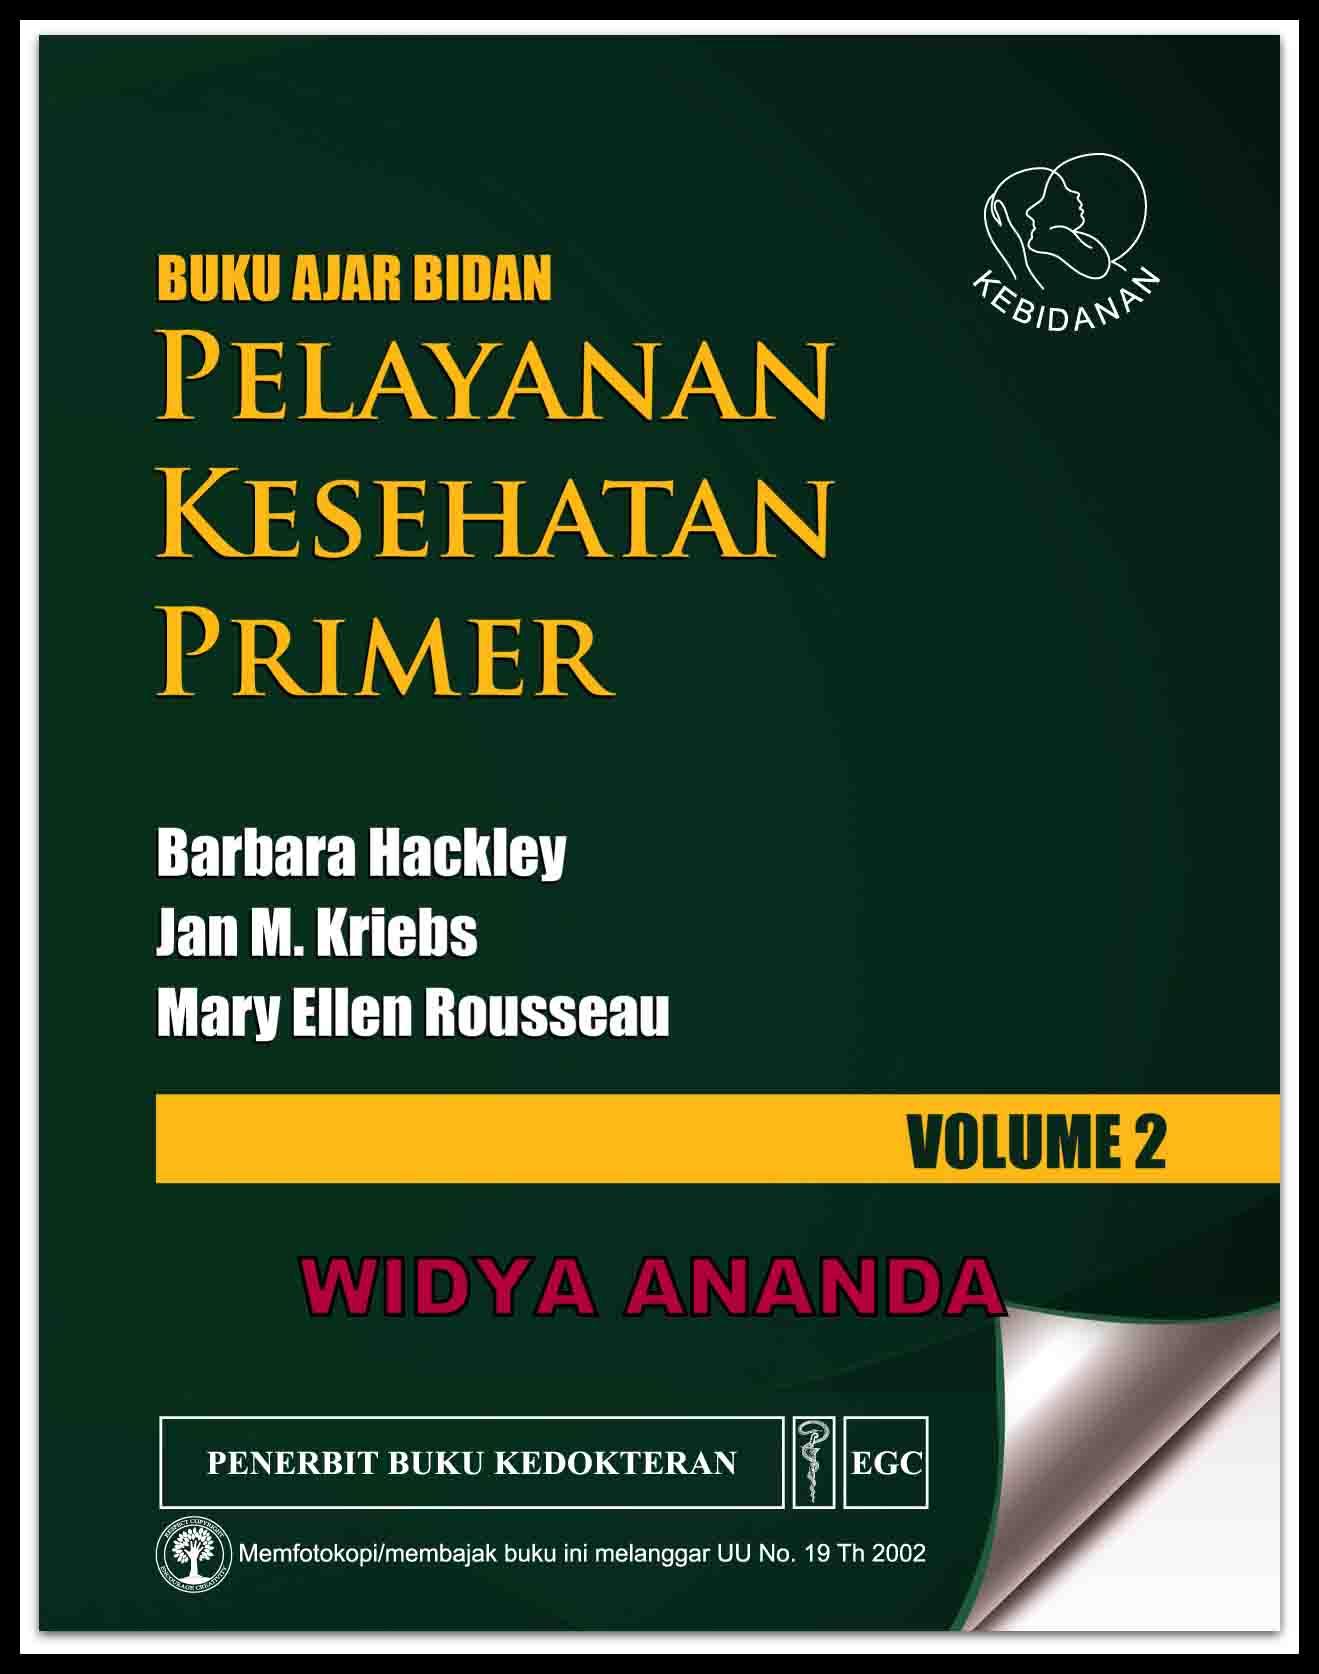 Pelayanan Kesehatan Primer: Buku Ajar Bidan Pelayanan Vol.2